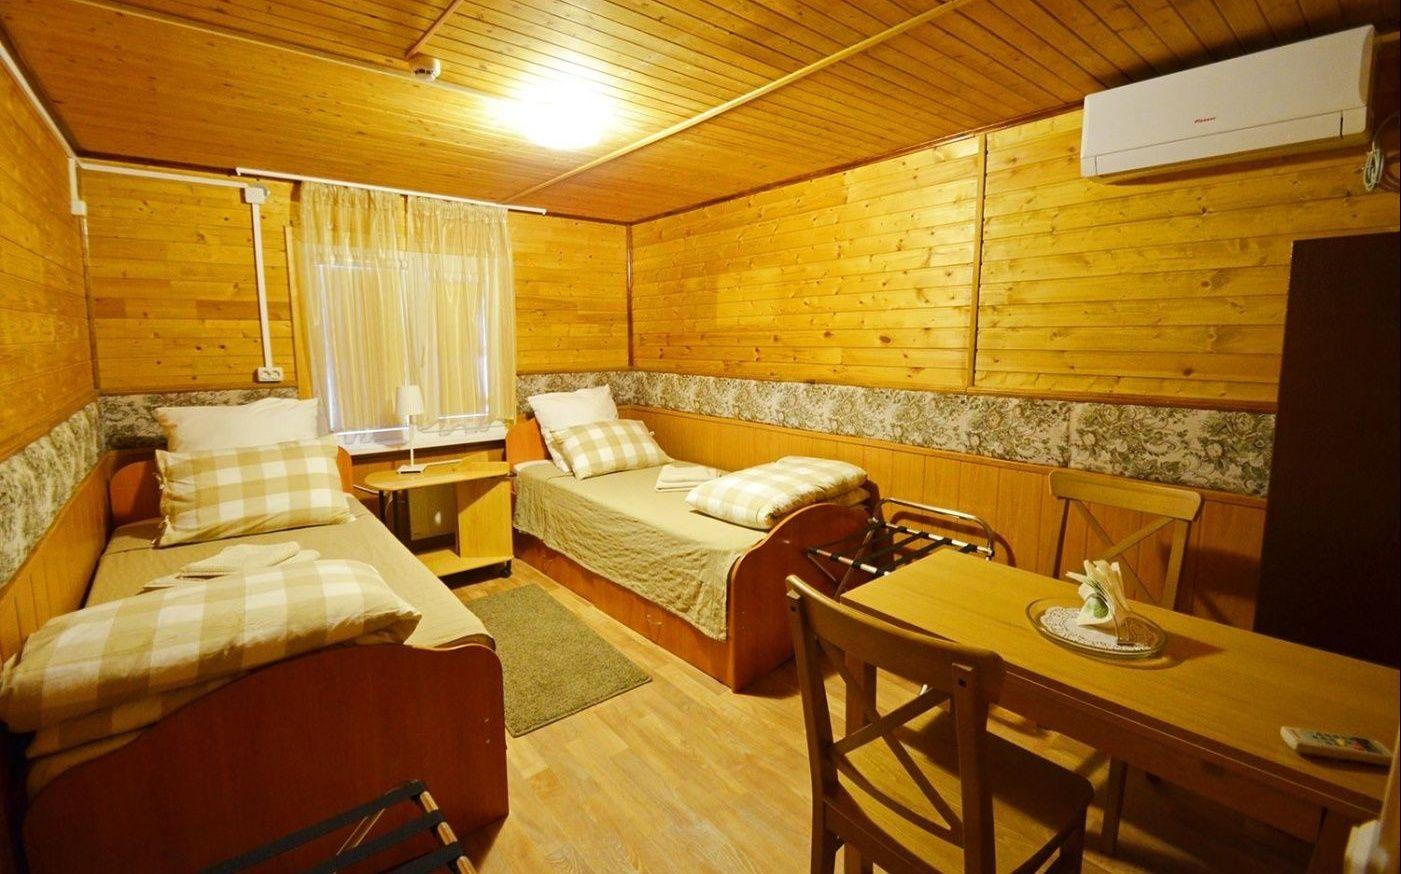 База отдыха «Нерестина» Астраханская область Номер «Стандарт» 2-местный без удобств, фото 1